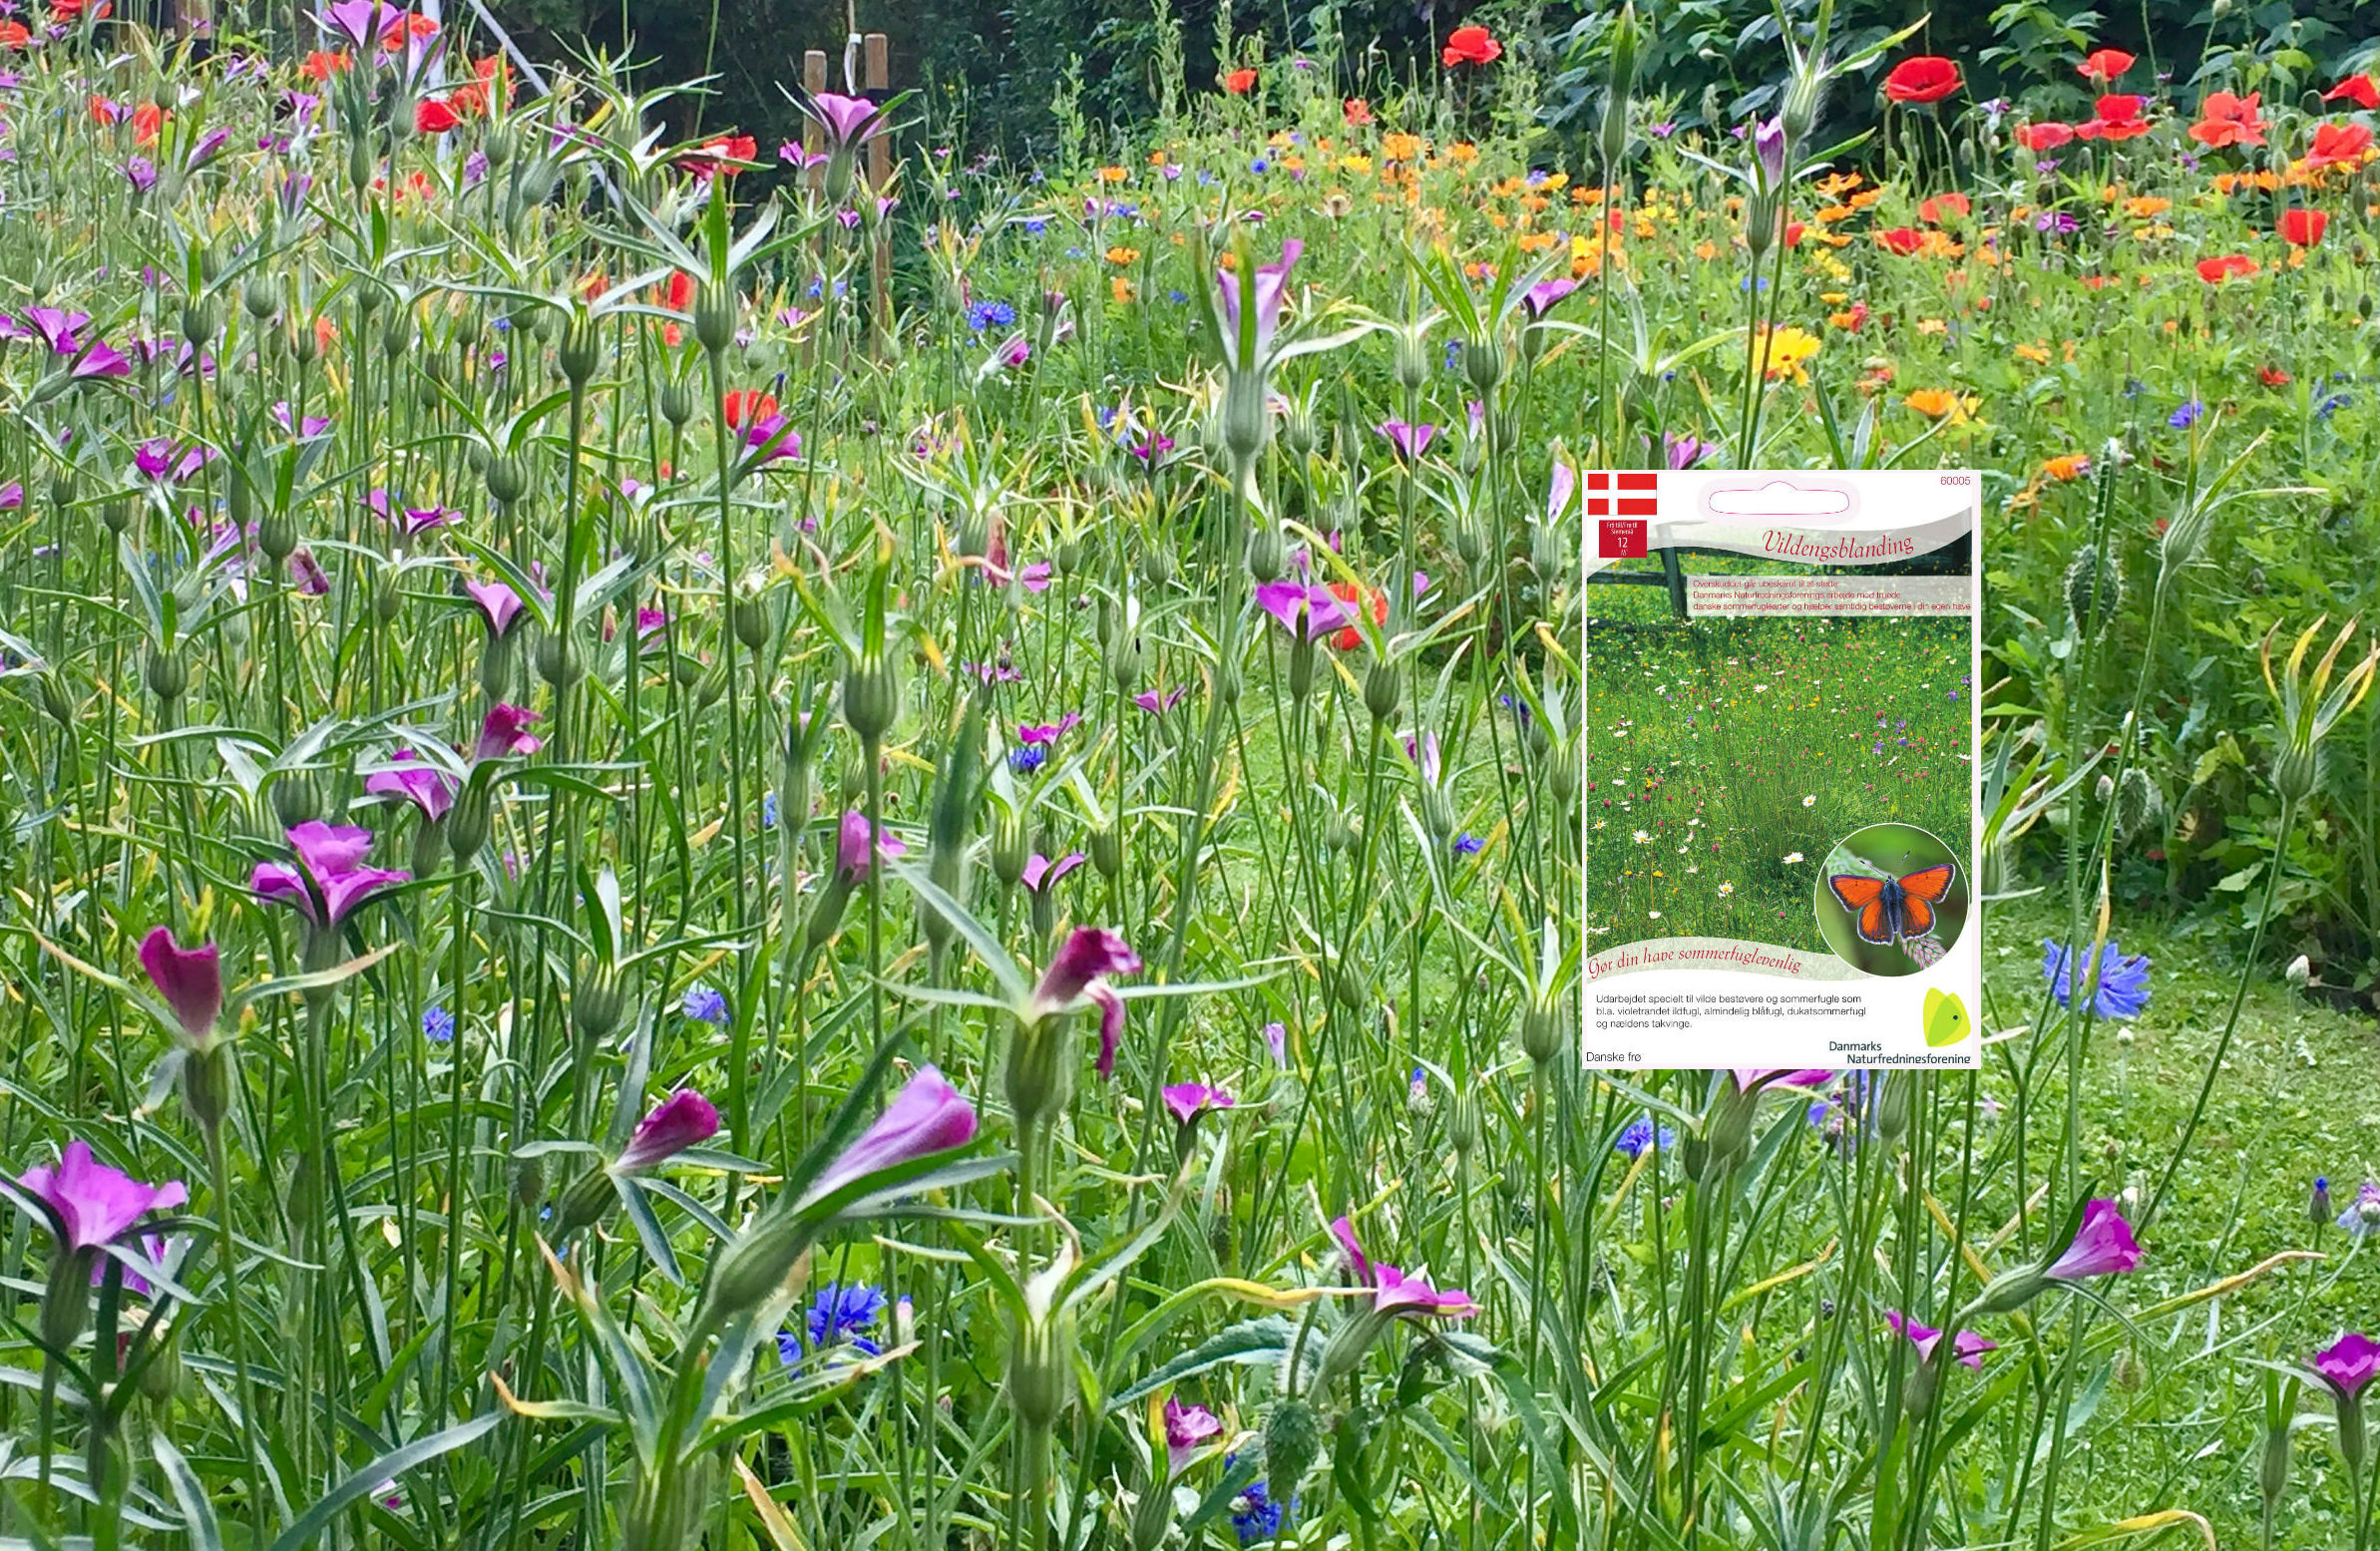 Vildeng hitter i haverne: Frøposer bliver revet væk